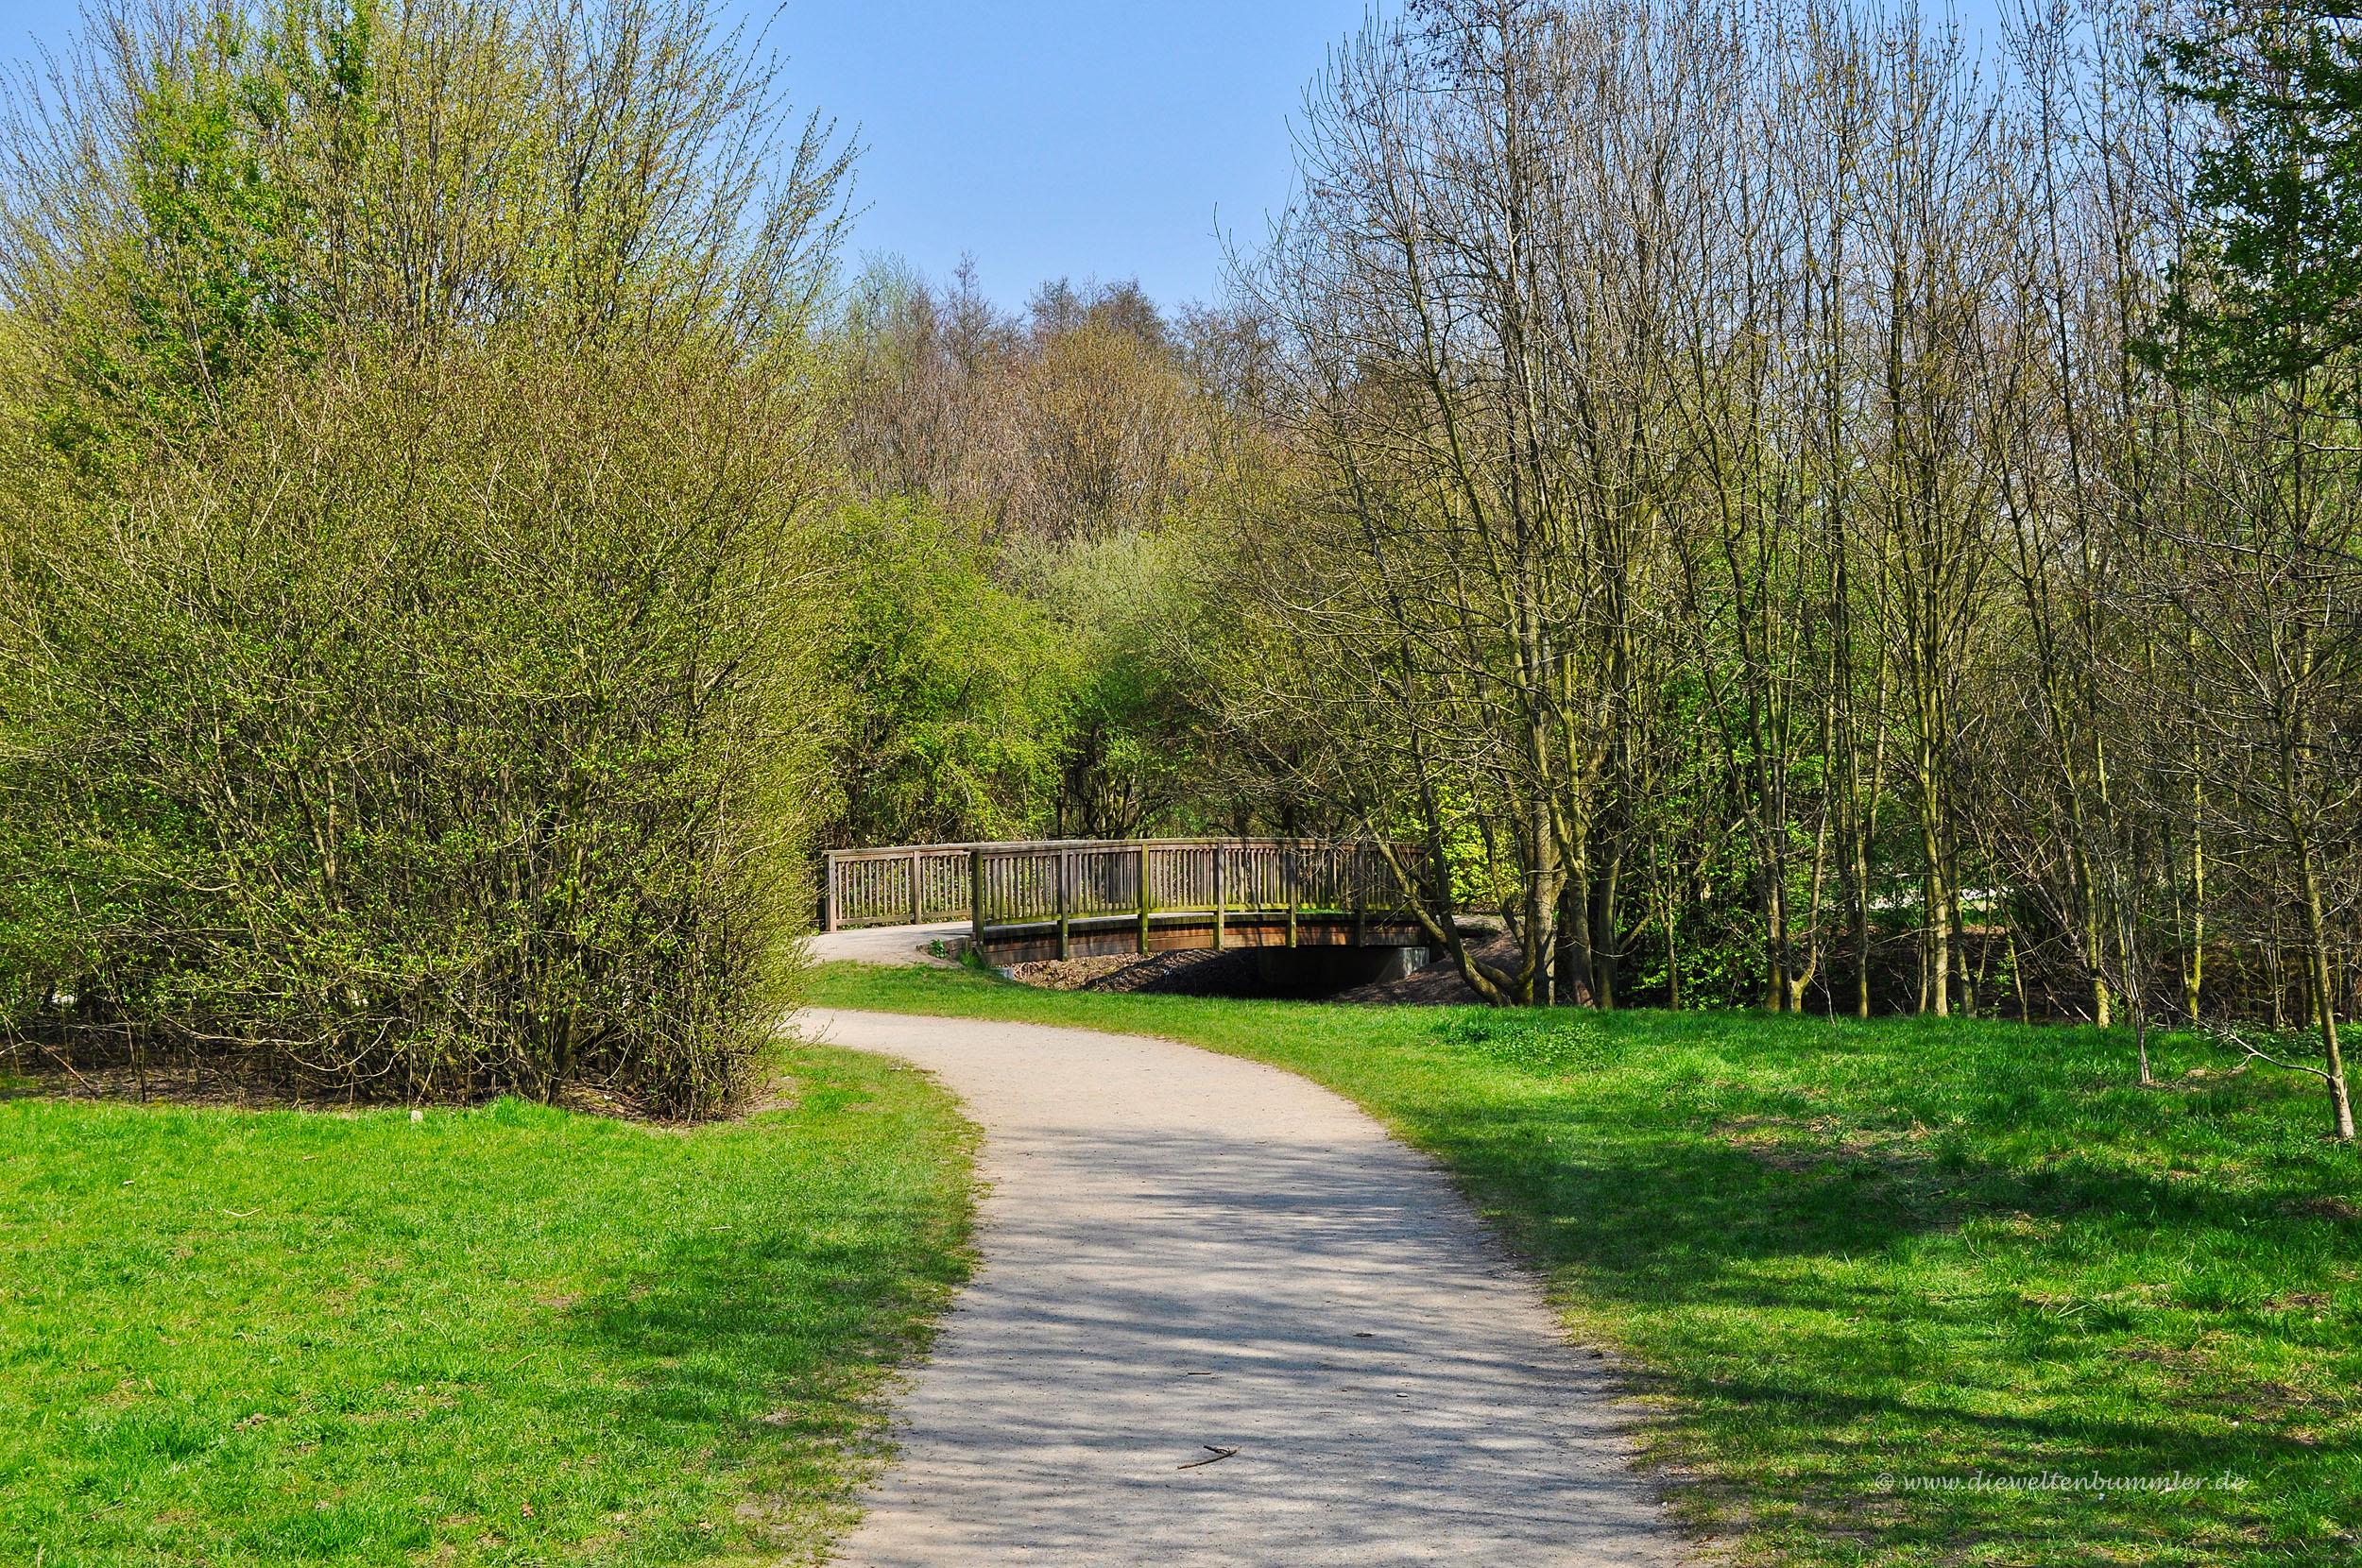 Unterwegs rund um das Hexbachtal